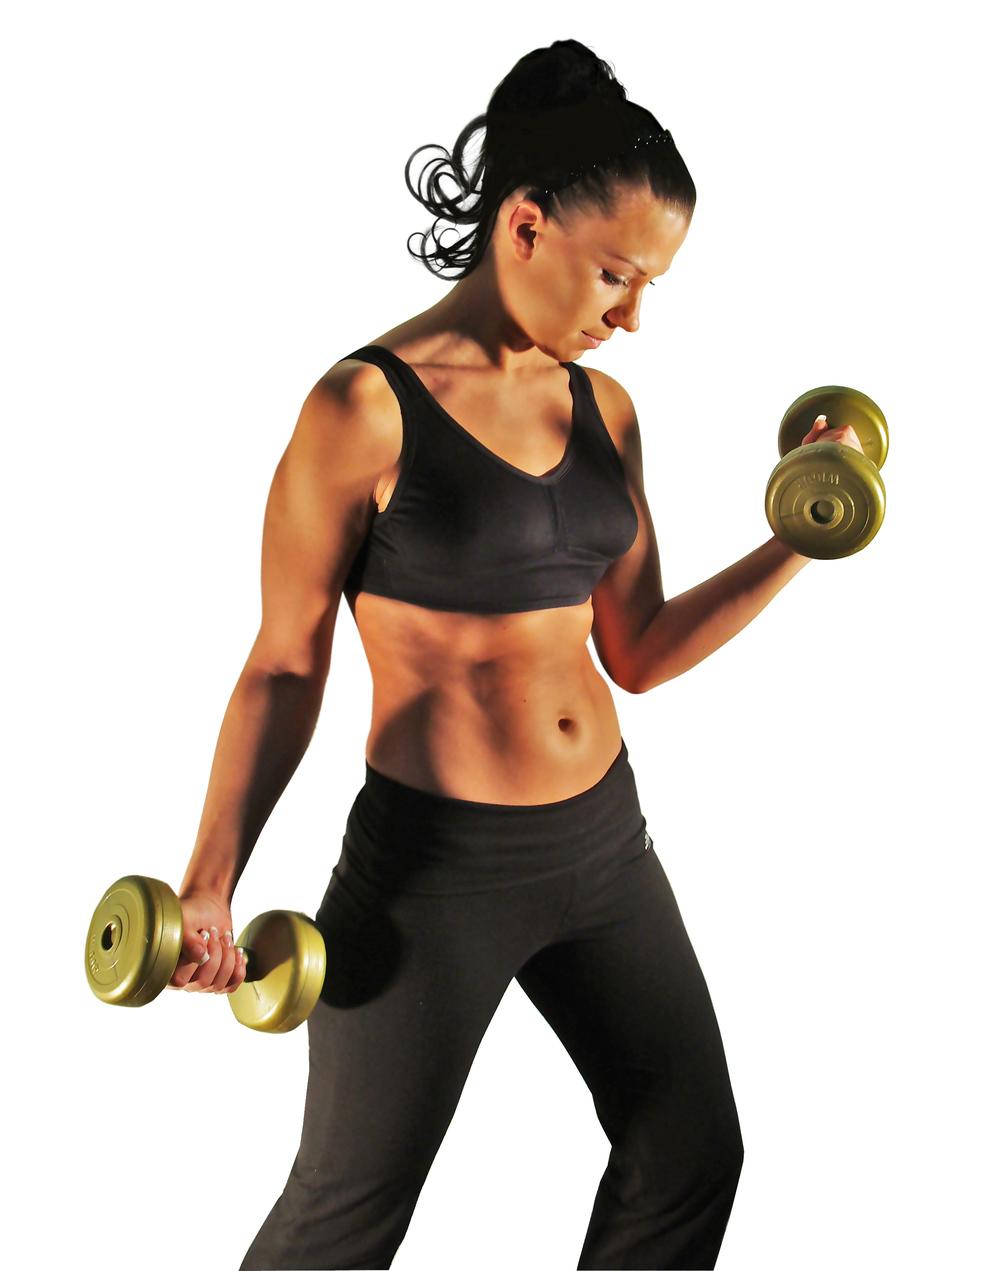 Gym-Instructor.jpg